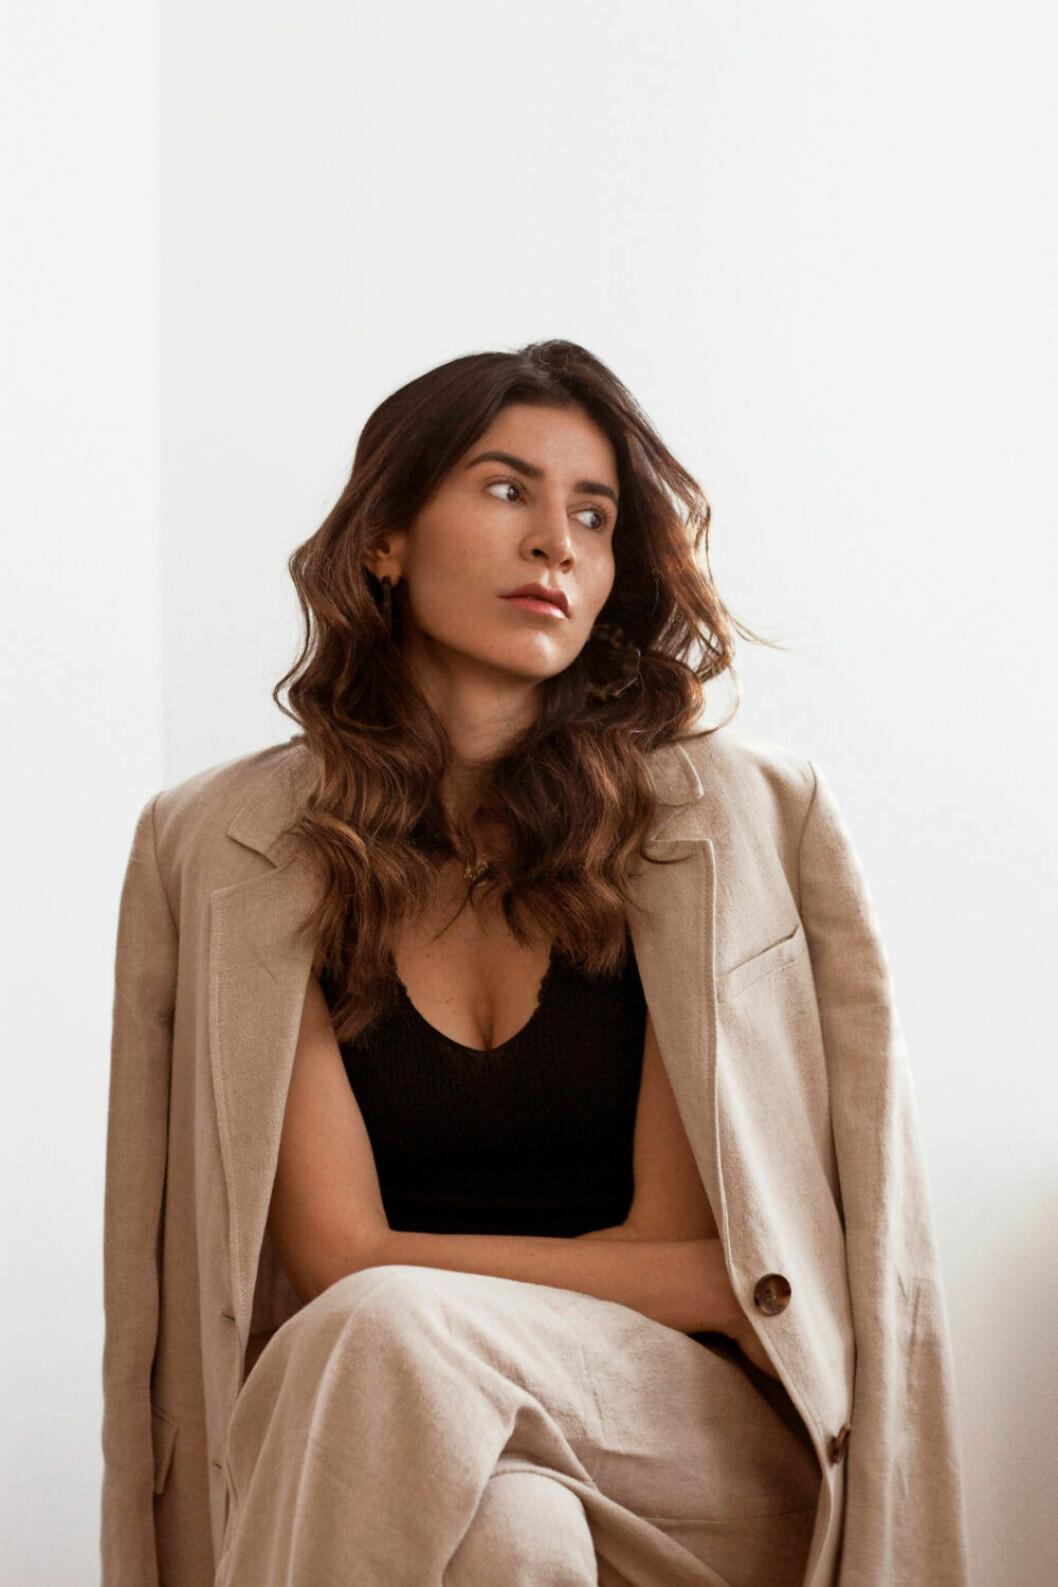 ELLEs Leyla Aksoy, även känd som @leyglow på Instagram